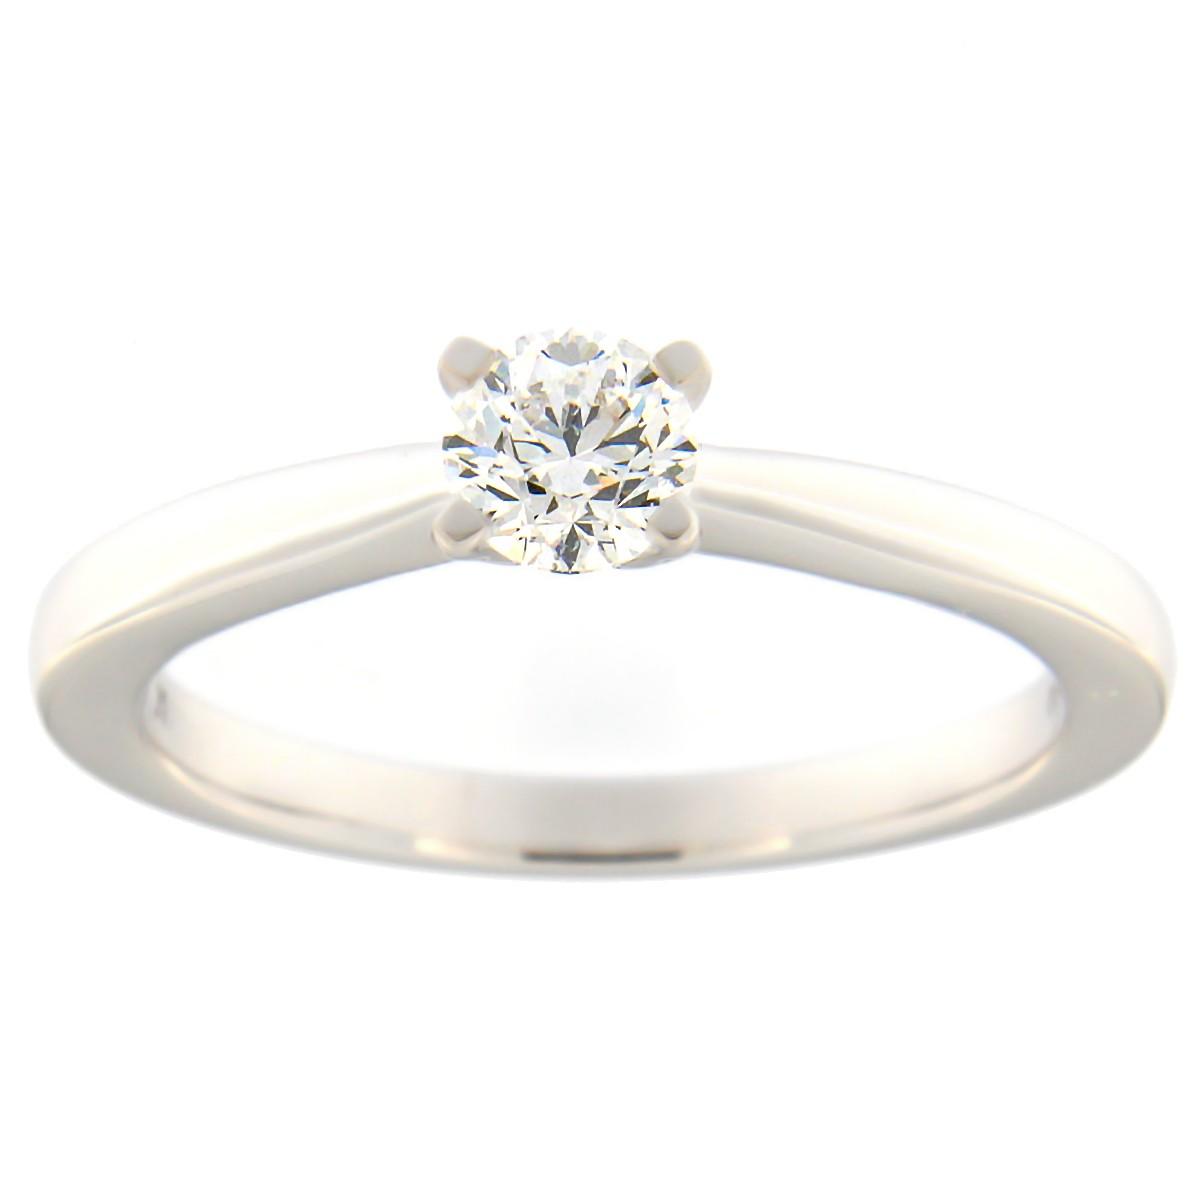 3123caa3eac Kullast sõrmus teemantiga 0,38 ct. Kood: 91at - MATIGOLD - Mati Kullaäri